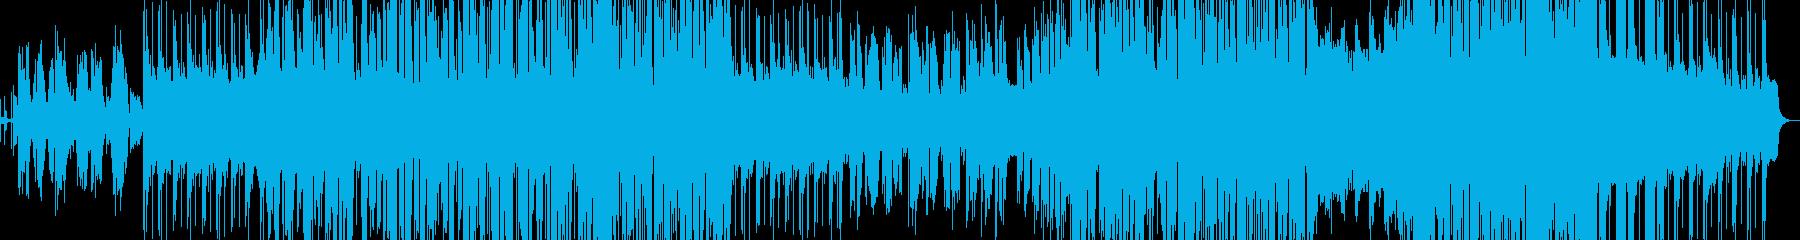 切ない泣きのバラードの再生済みの波形